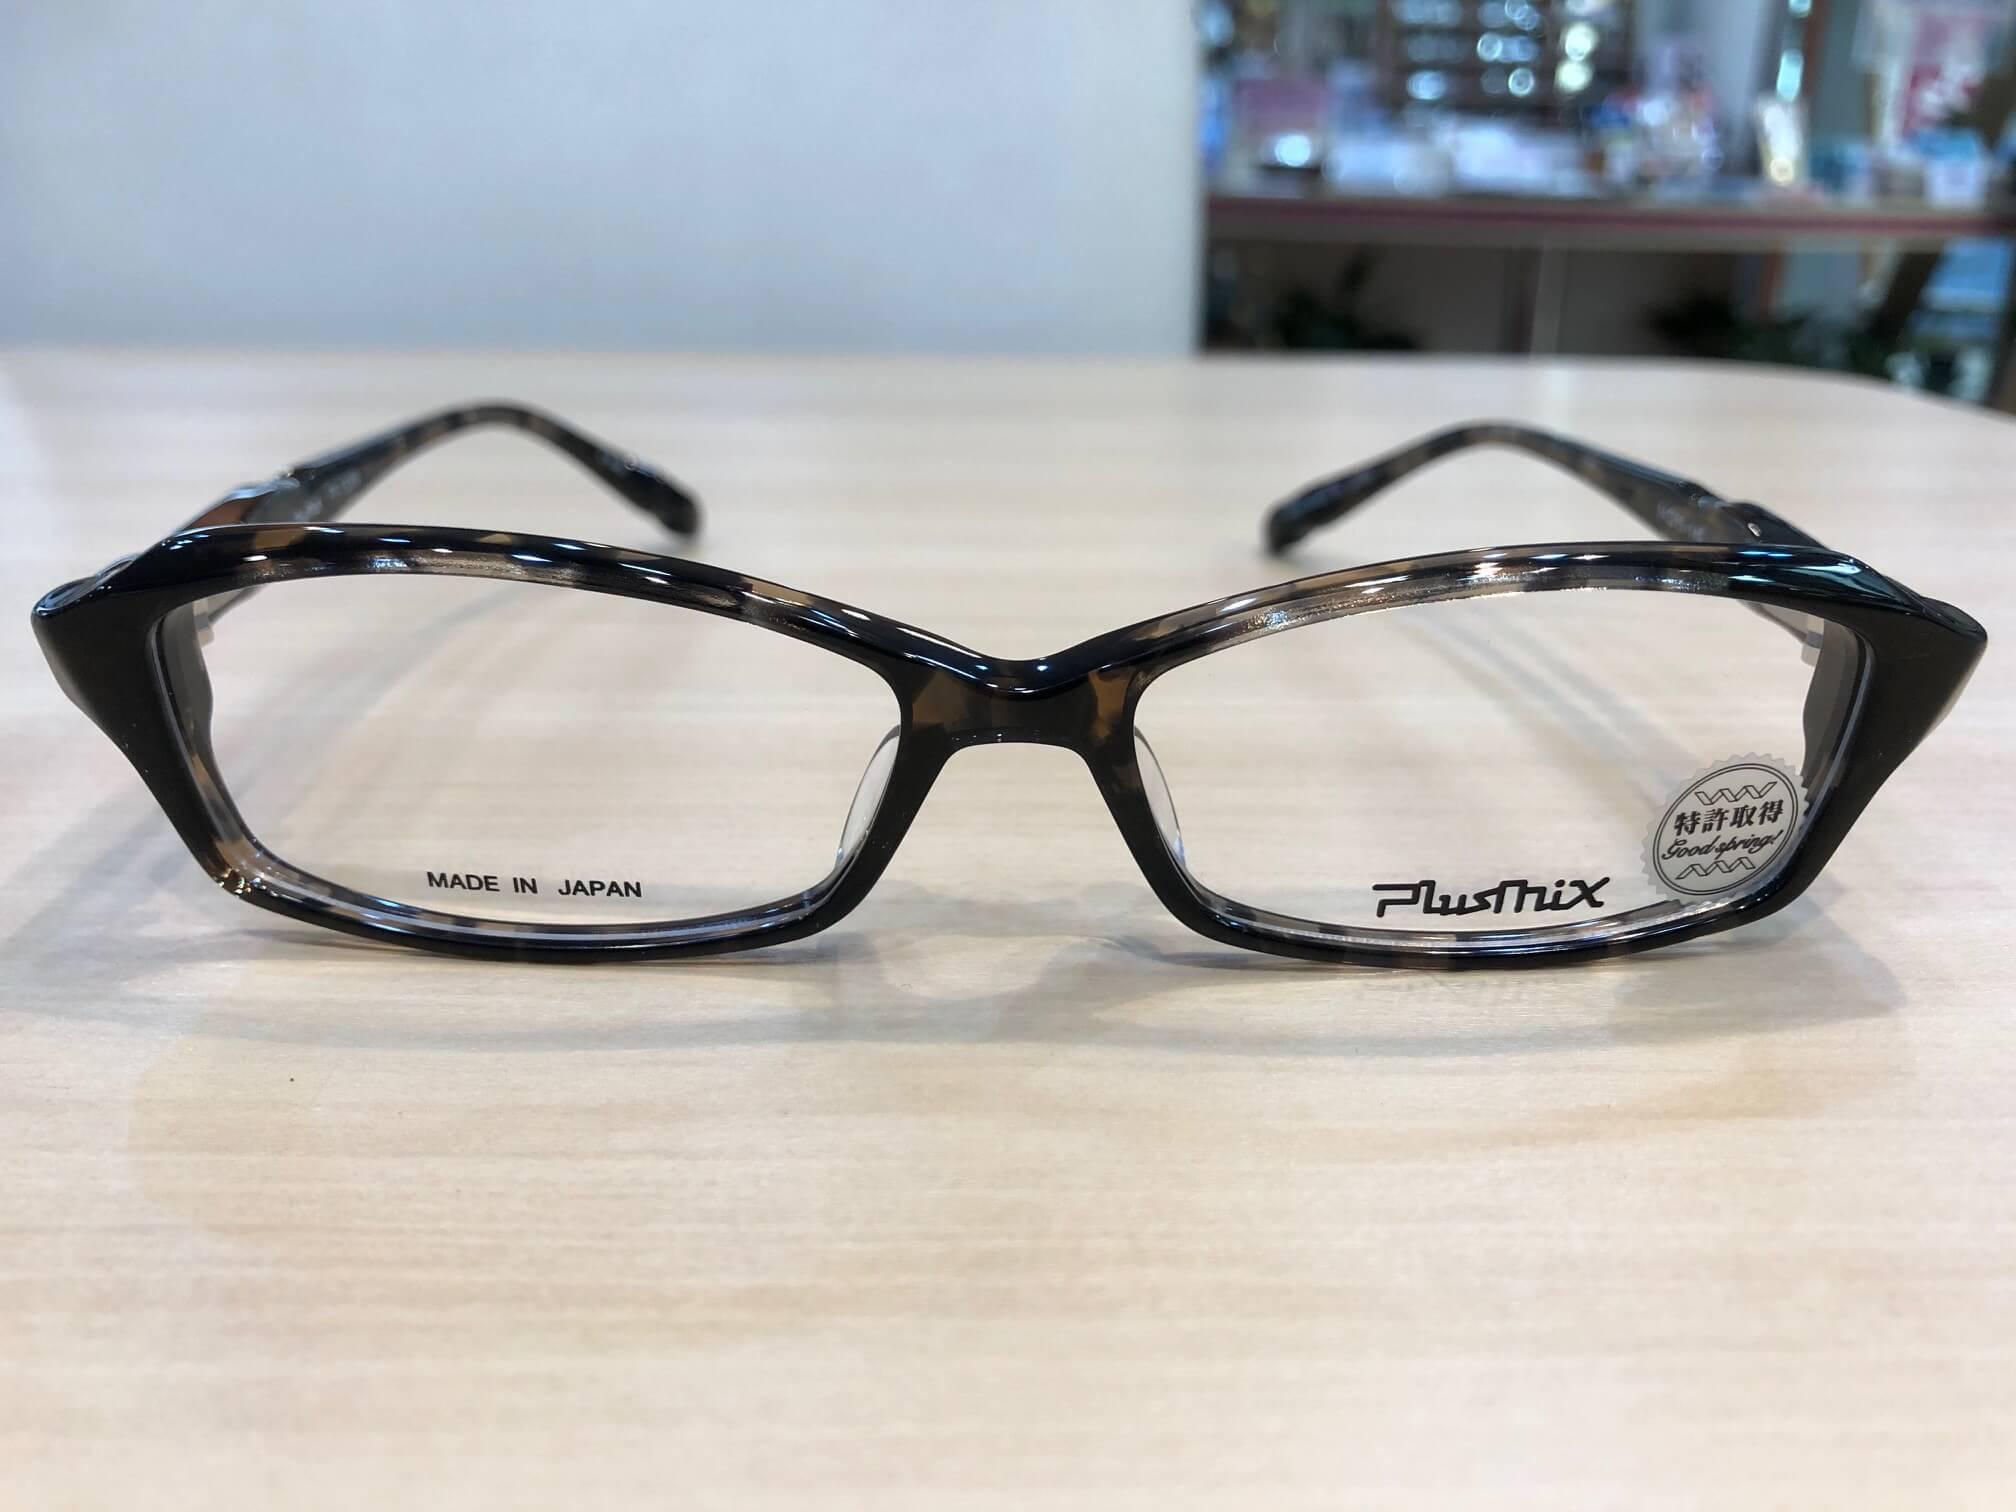 プラスミックス 品番:PX-13289 カラー:083 レンズサイズ:54ミリ